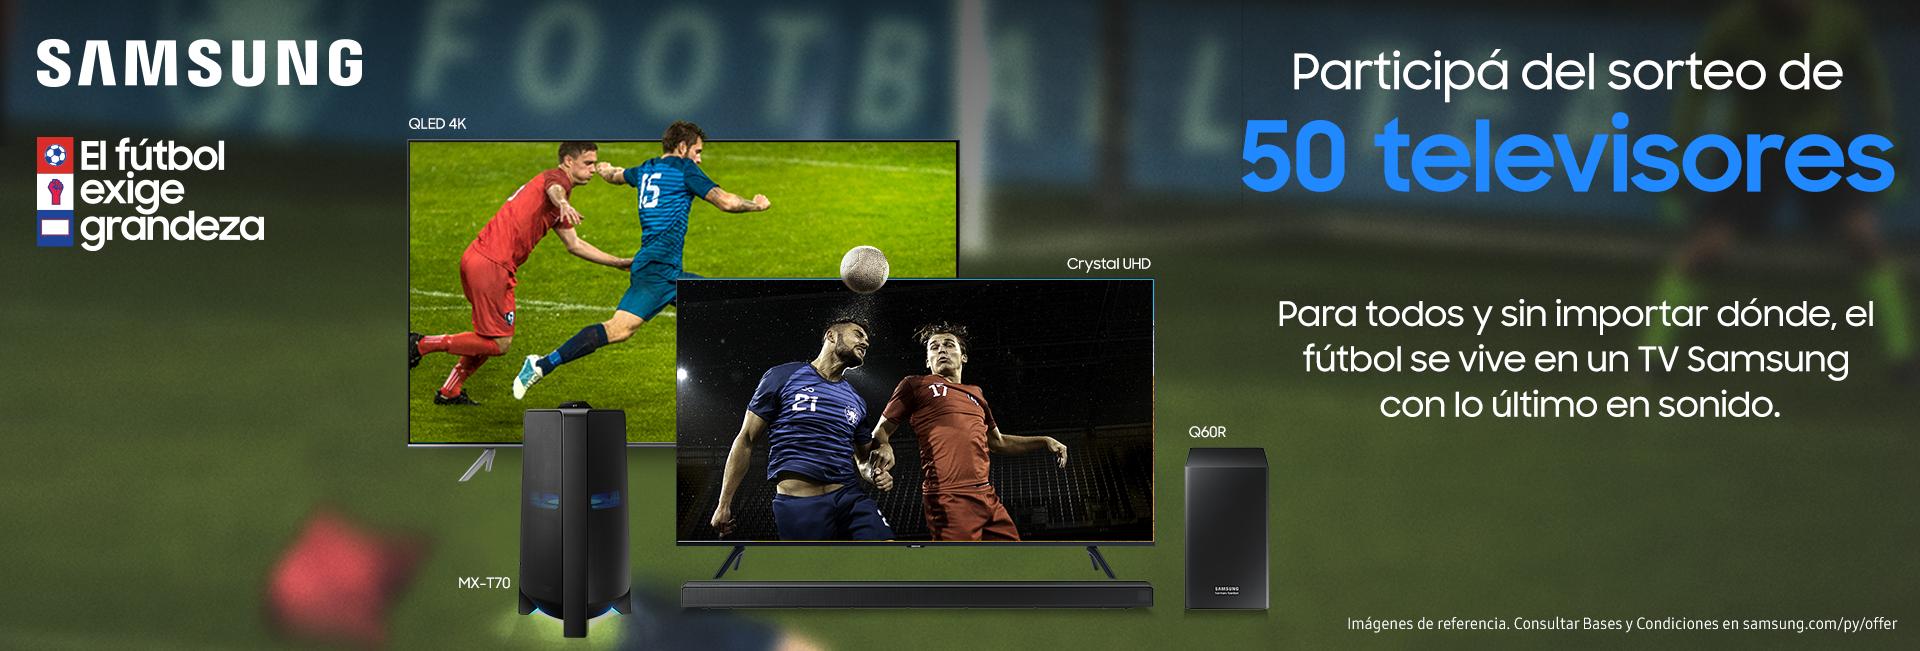 Samsung Futbol Exige Grandeza